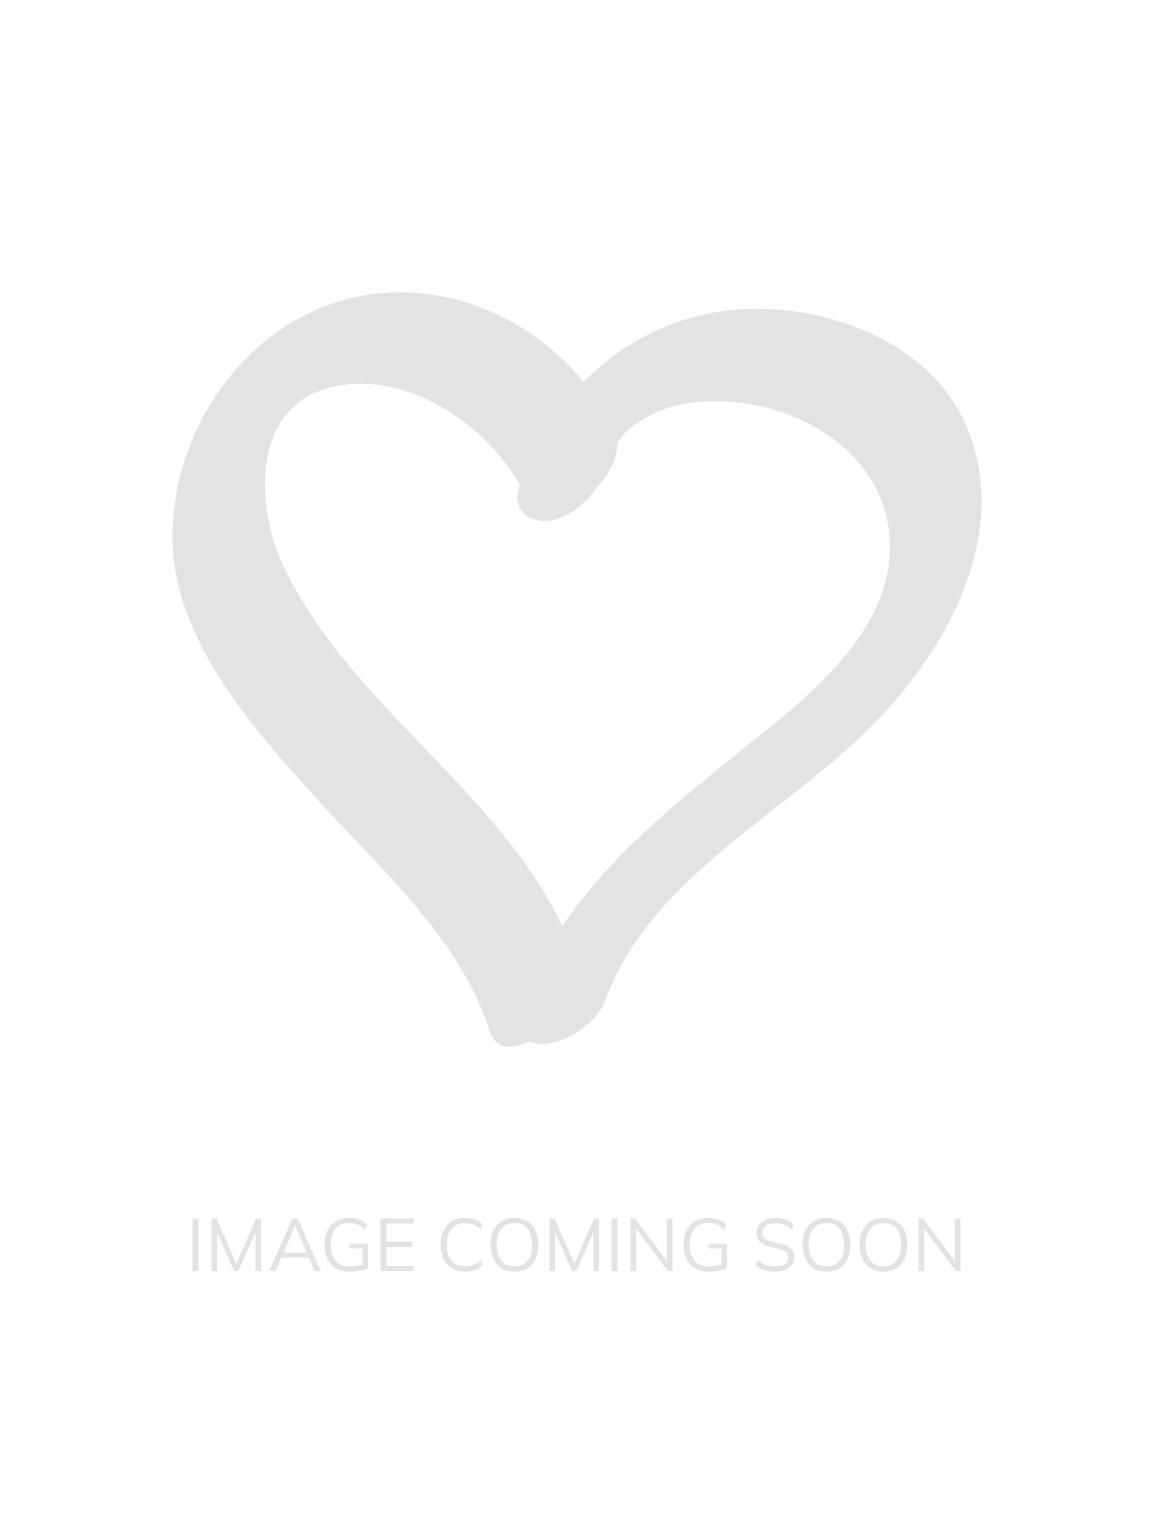 367fa5563be Doreen Classic Full Cup Bra - Plum